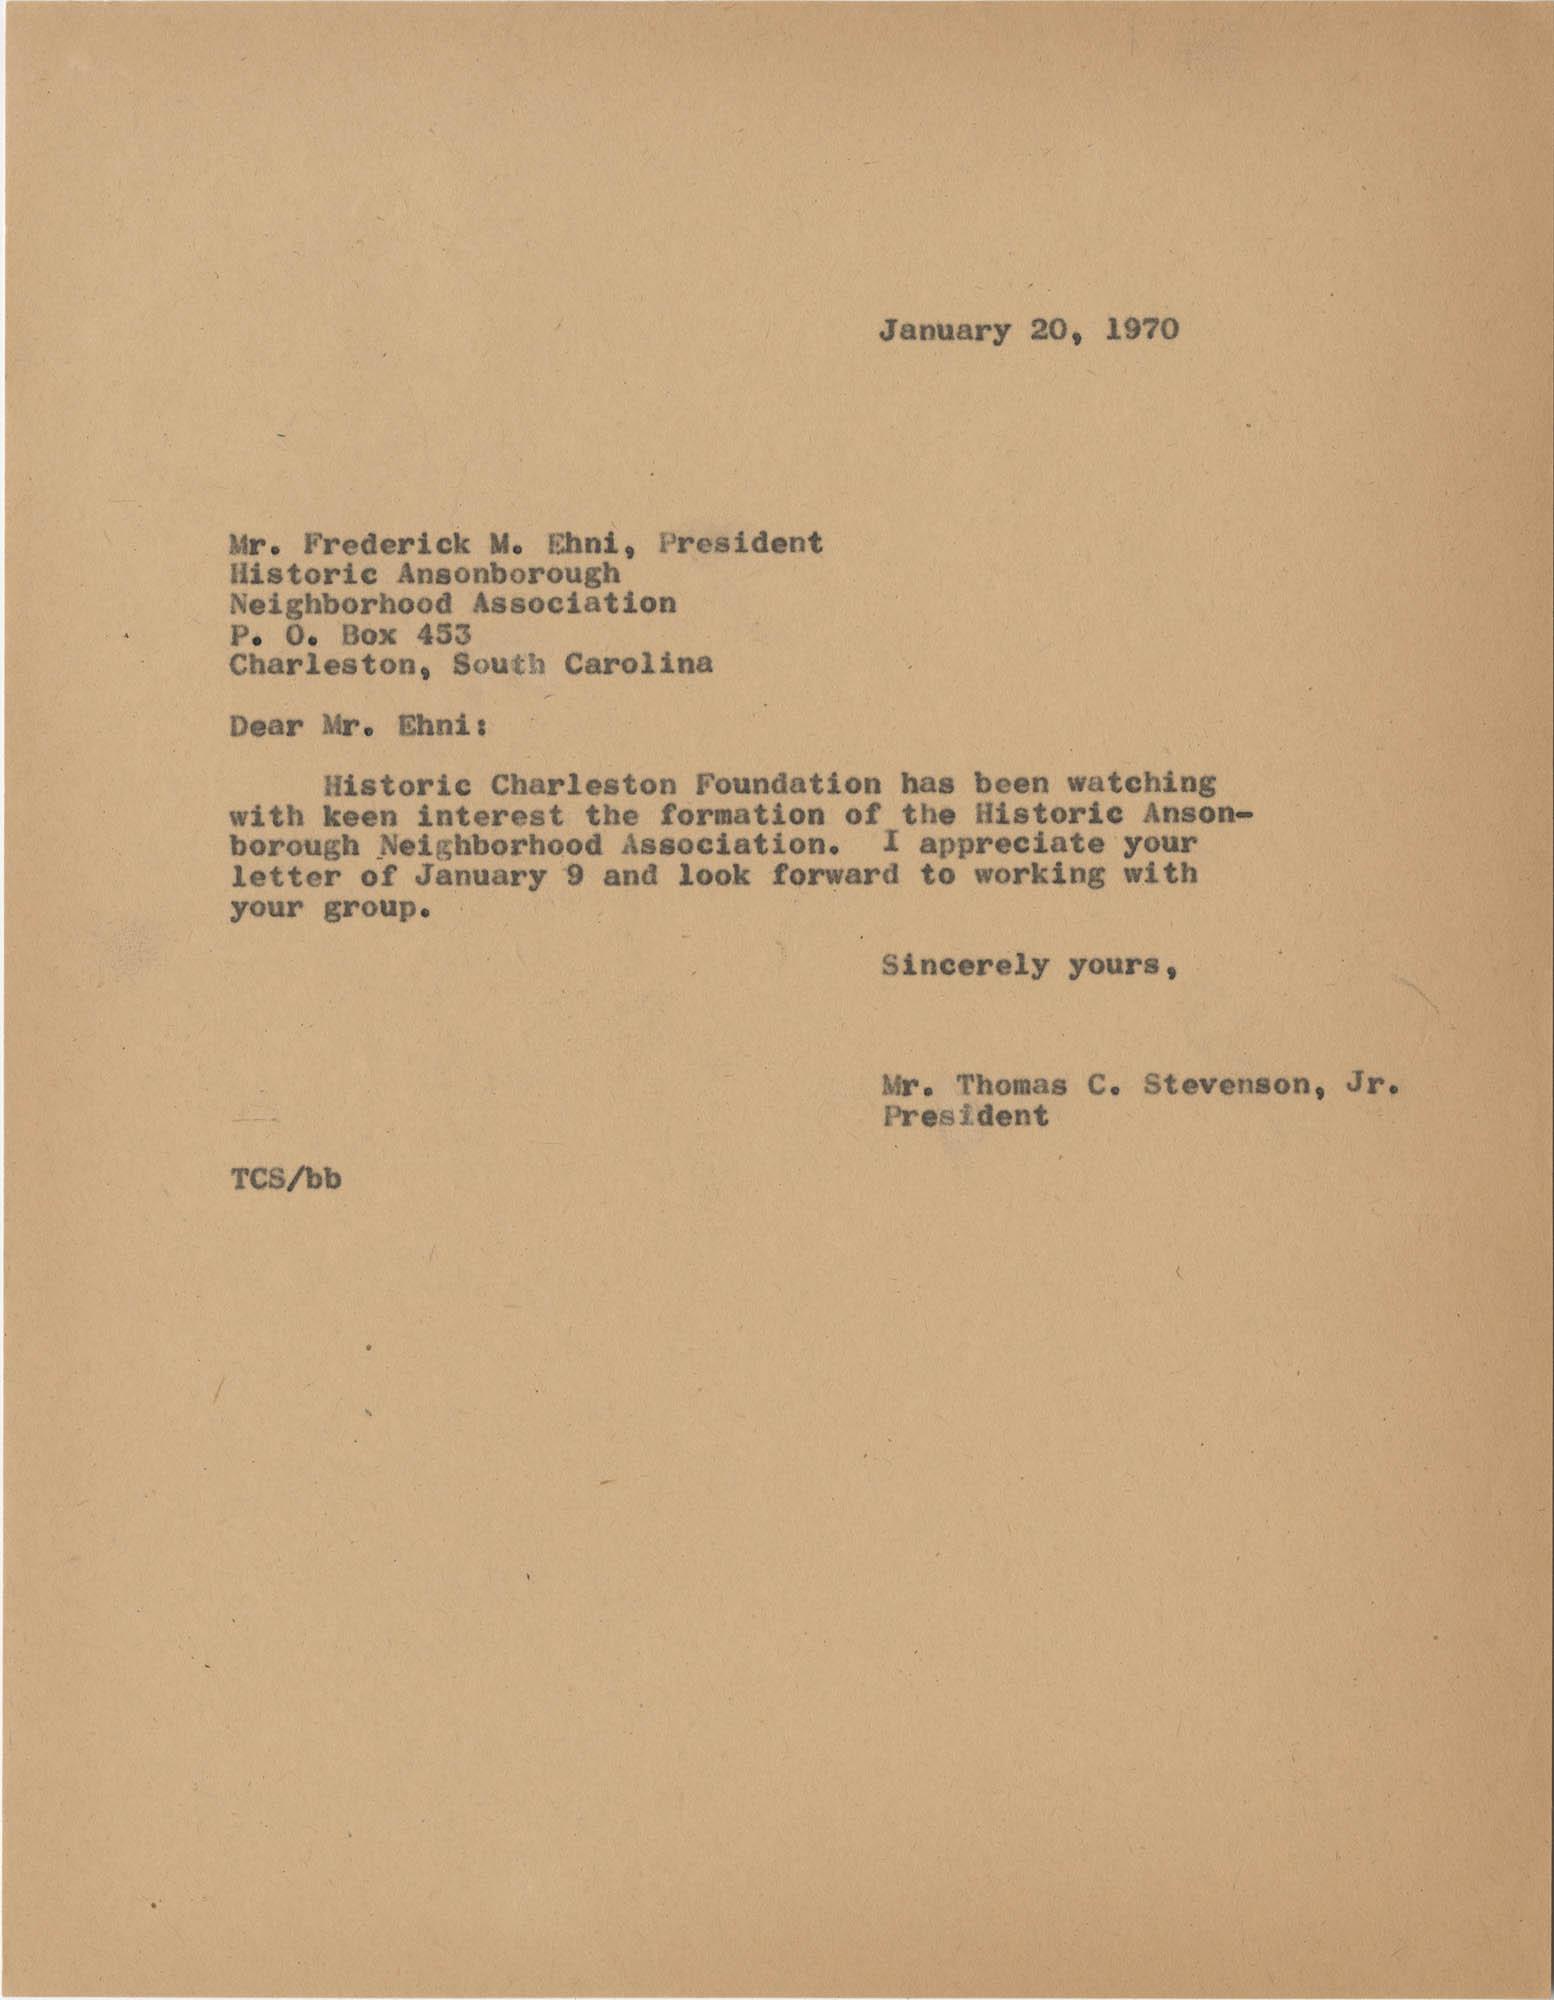 Letter from Thomas C. Stevenson, Jr., to Frederick M. Ehni